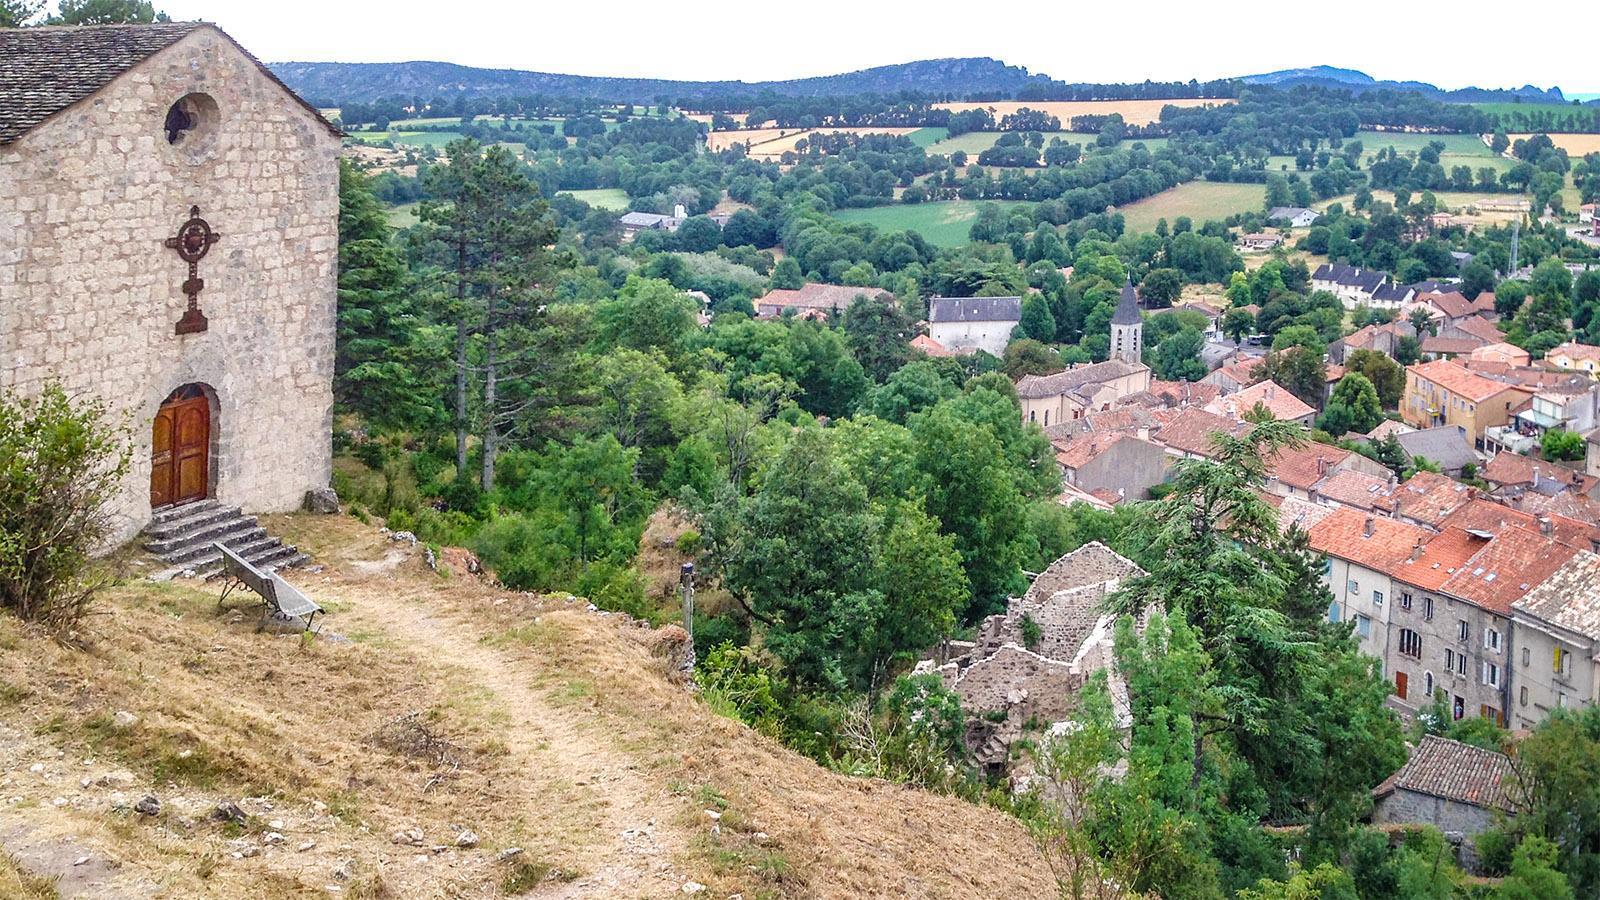 Blick auf Le Caylar mit seine Burgruine und Kapelle. Foto: Hilke Maunder